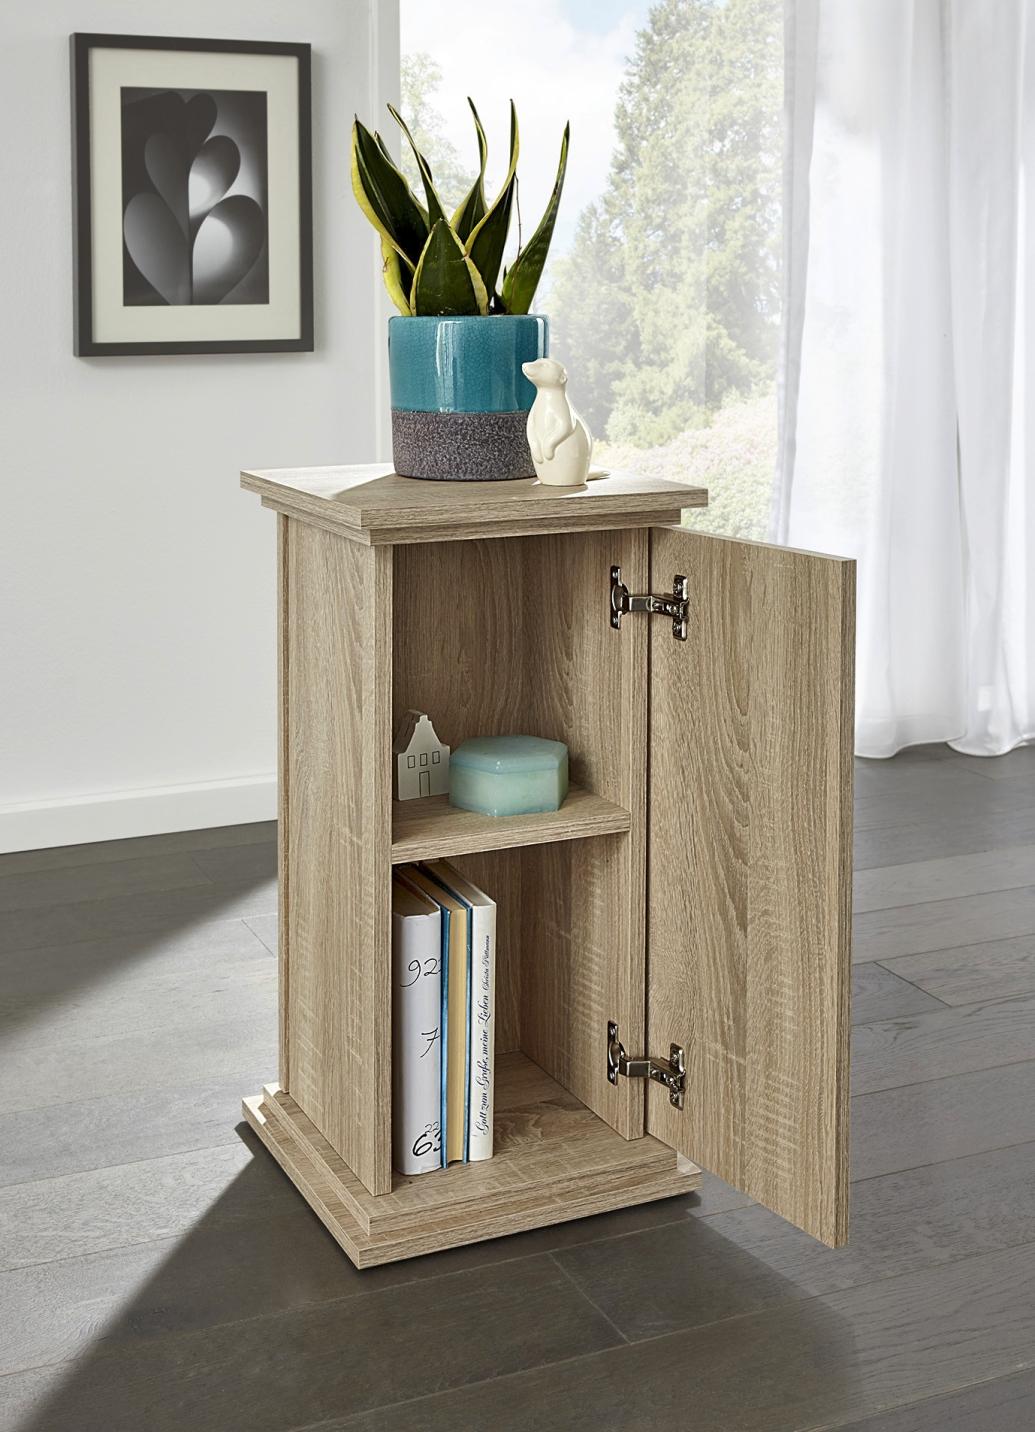 dekos ule in verschiedenen ausf hrungen kleinm bel bader. Black Bedroom Furniture Sets. Home Design Ideas